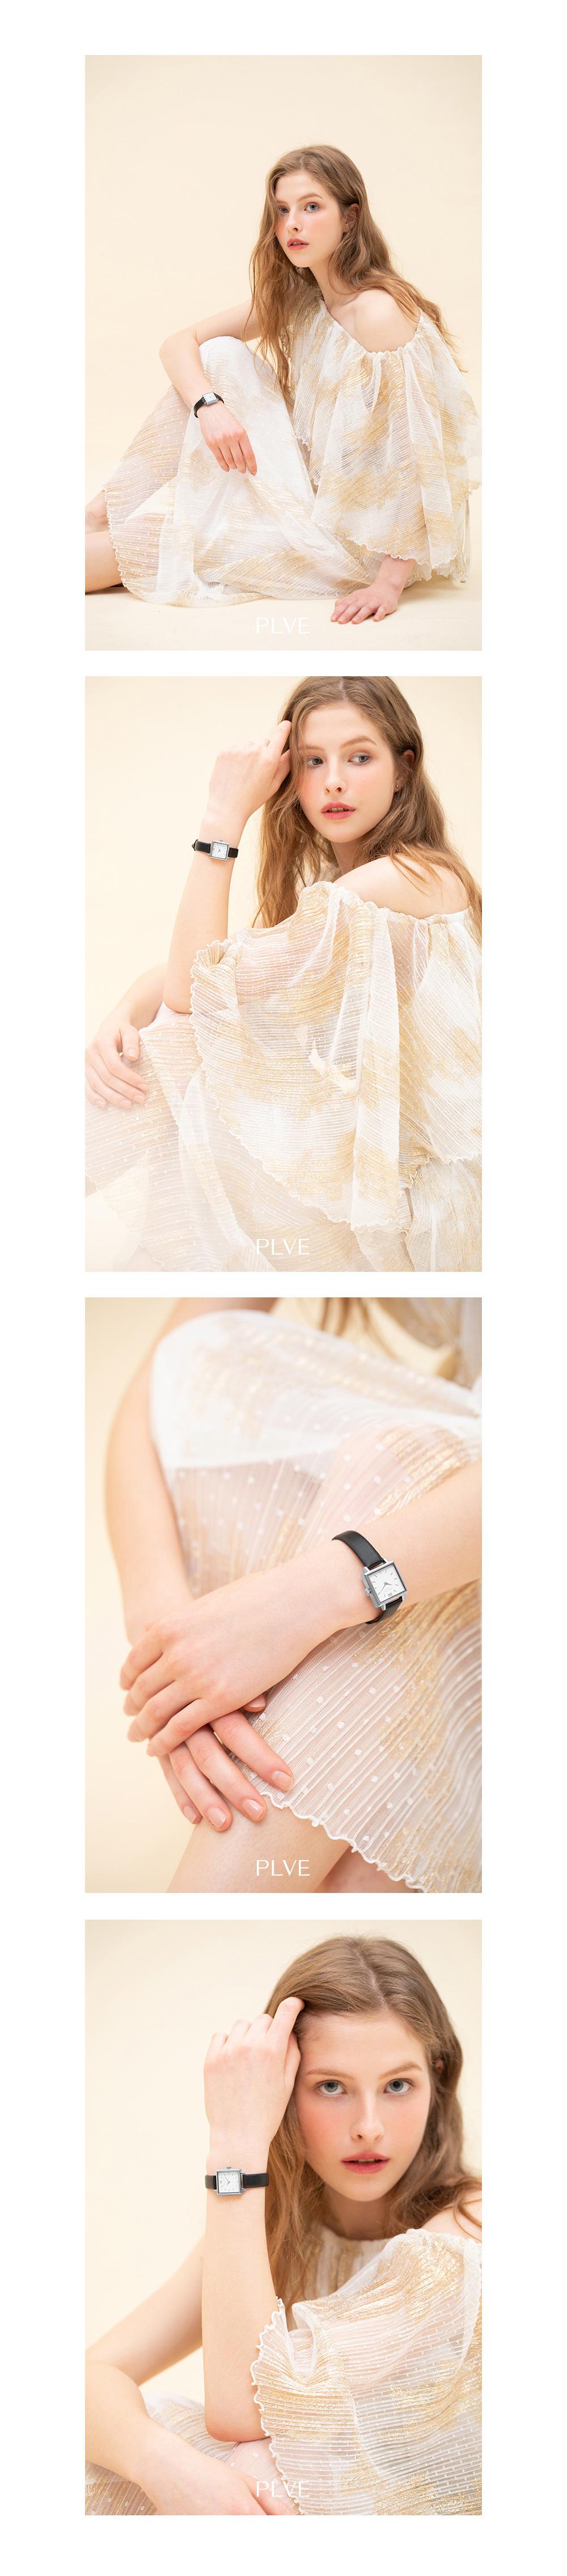 폴바이스(PAUL VICE) Miniel S White - Black 여성 가죽 시계 PV603BK